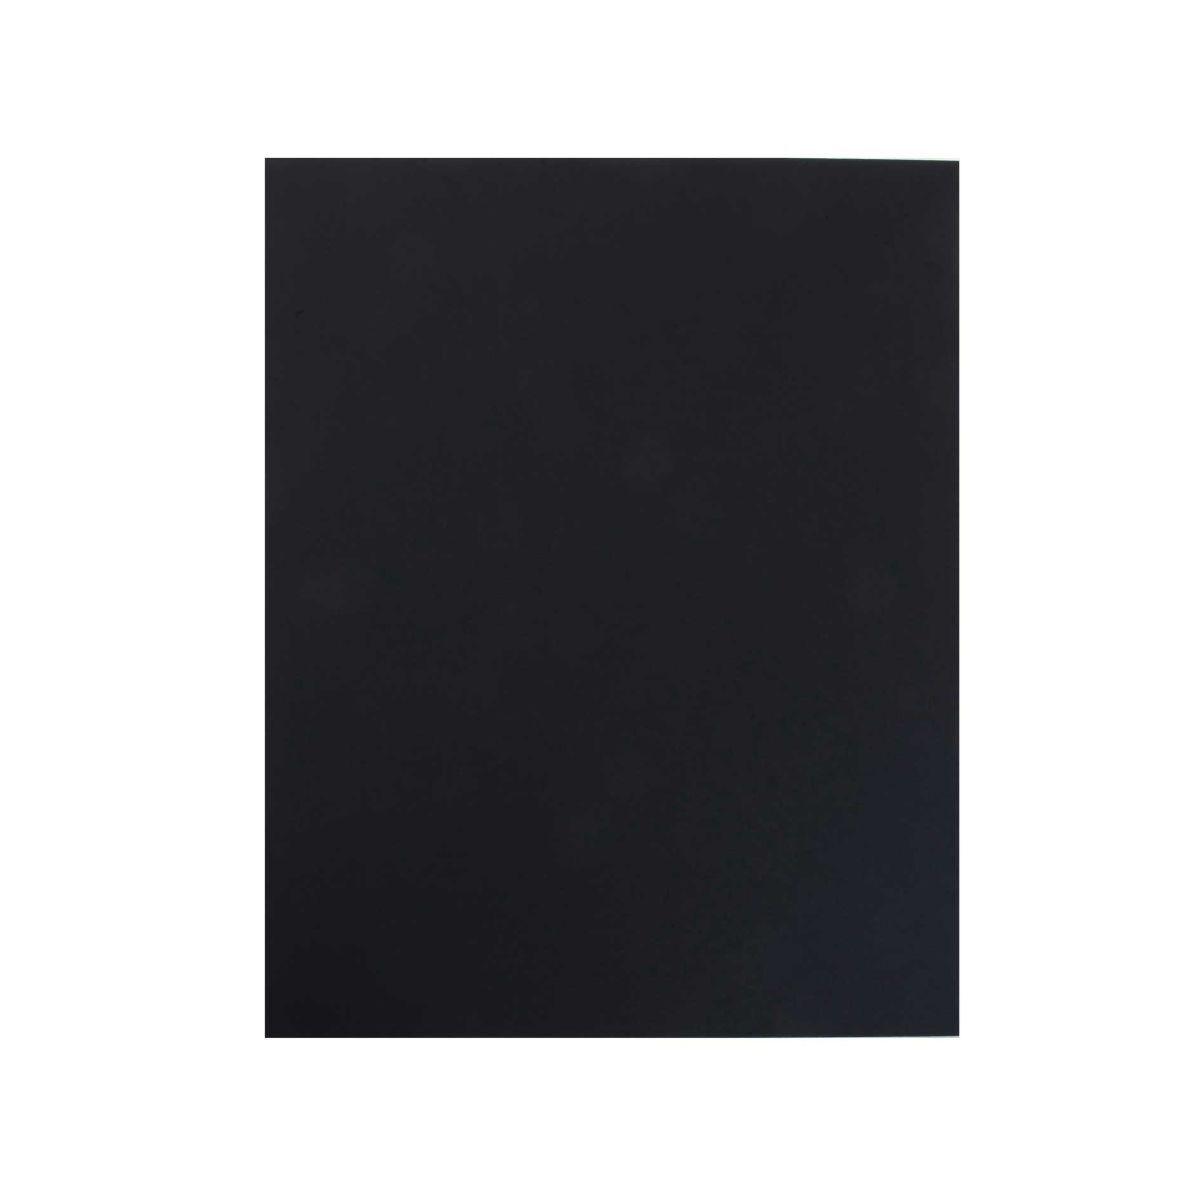 Ryman Mount Board 540gsm 450x640mm